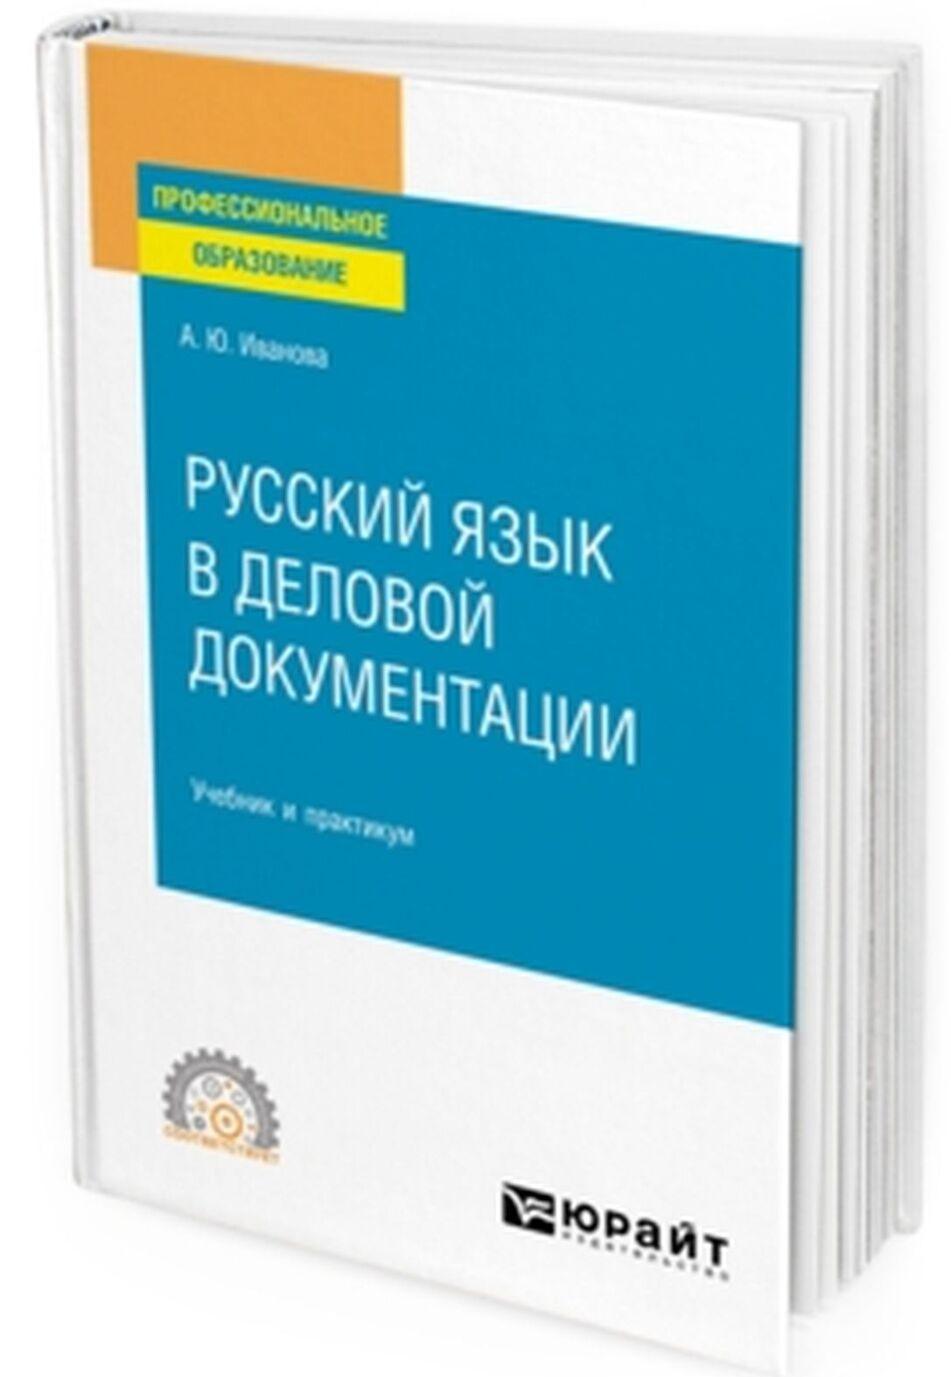 Russkij jazyk v delovoj dokumentatsii. Uchebnik i praktikum dlja SPO